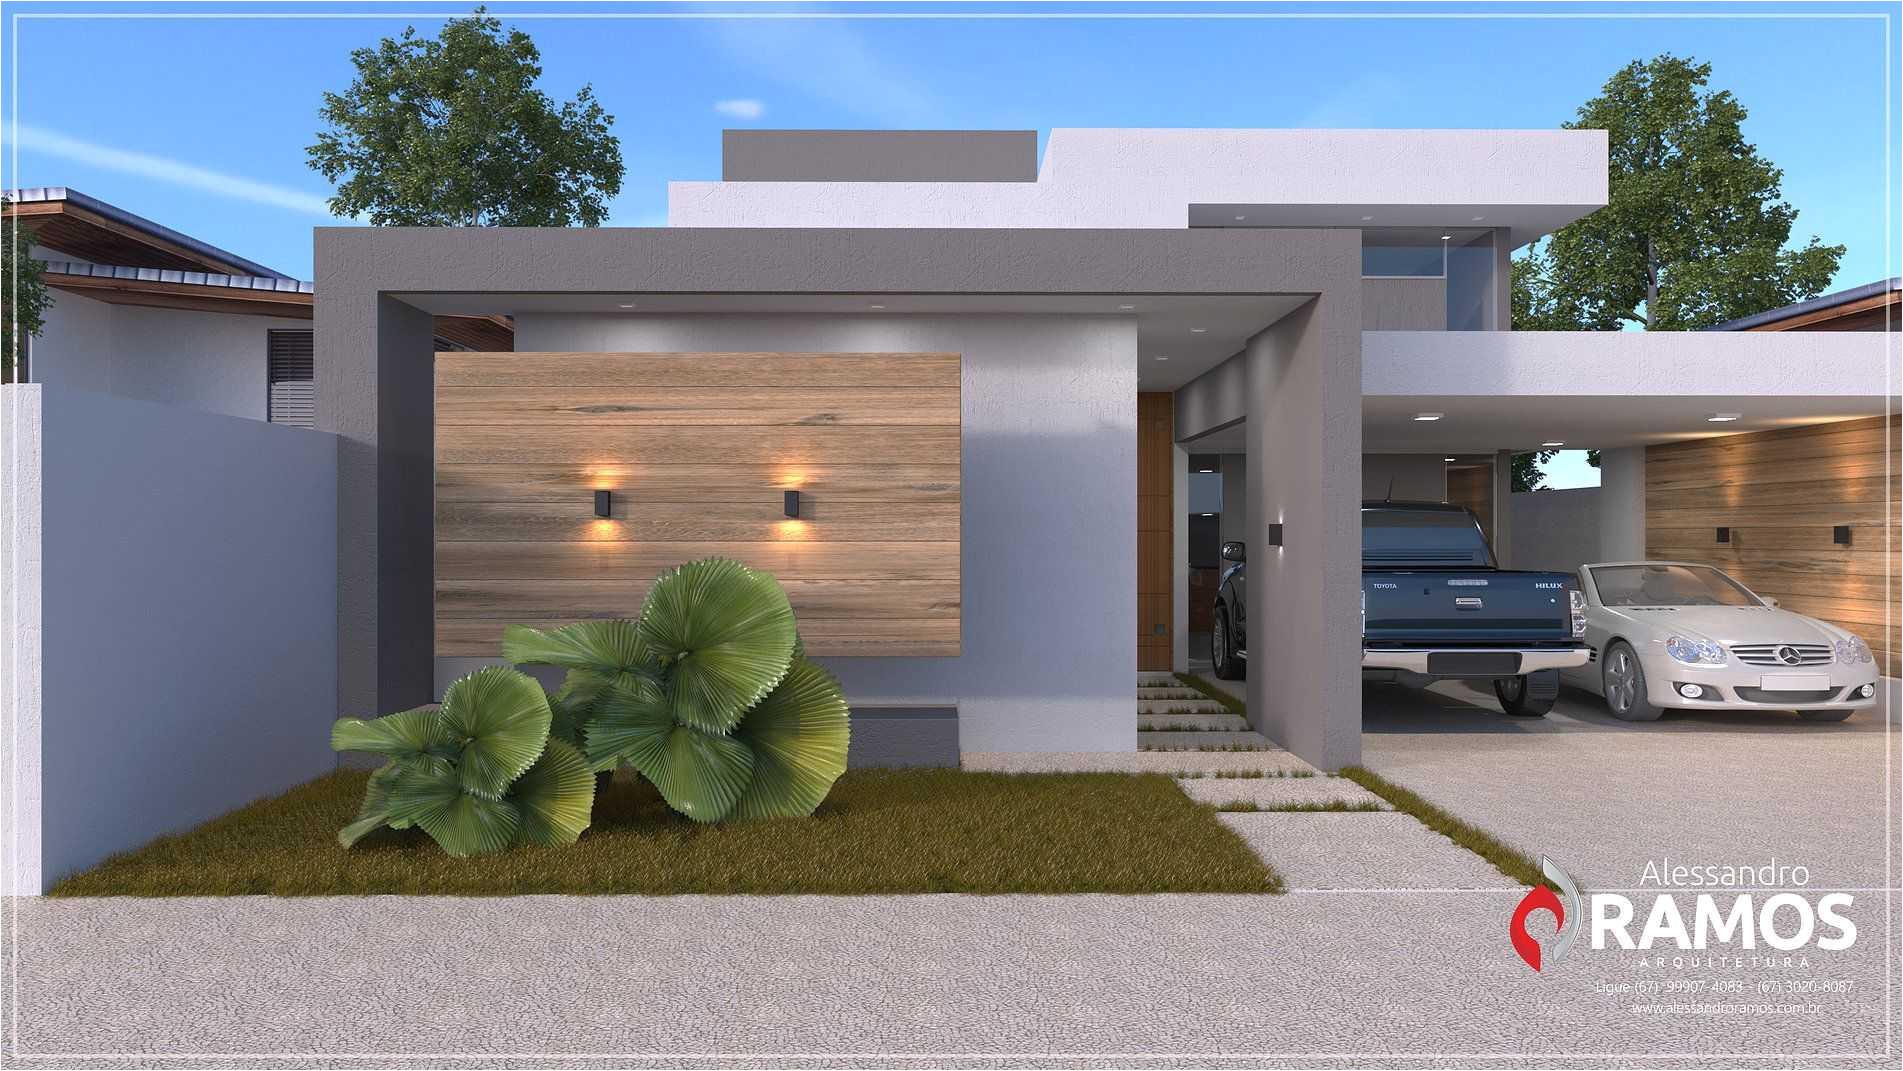 Dise os de rejas para fachadas de casas fachadas de casas for Fachadas de casas estilo clasico